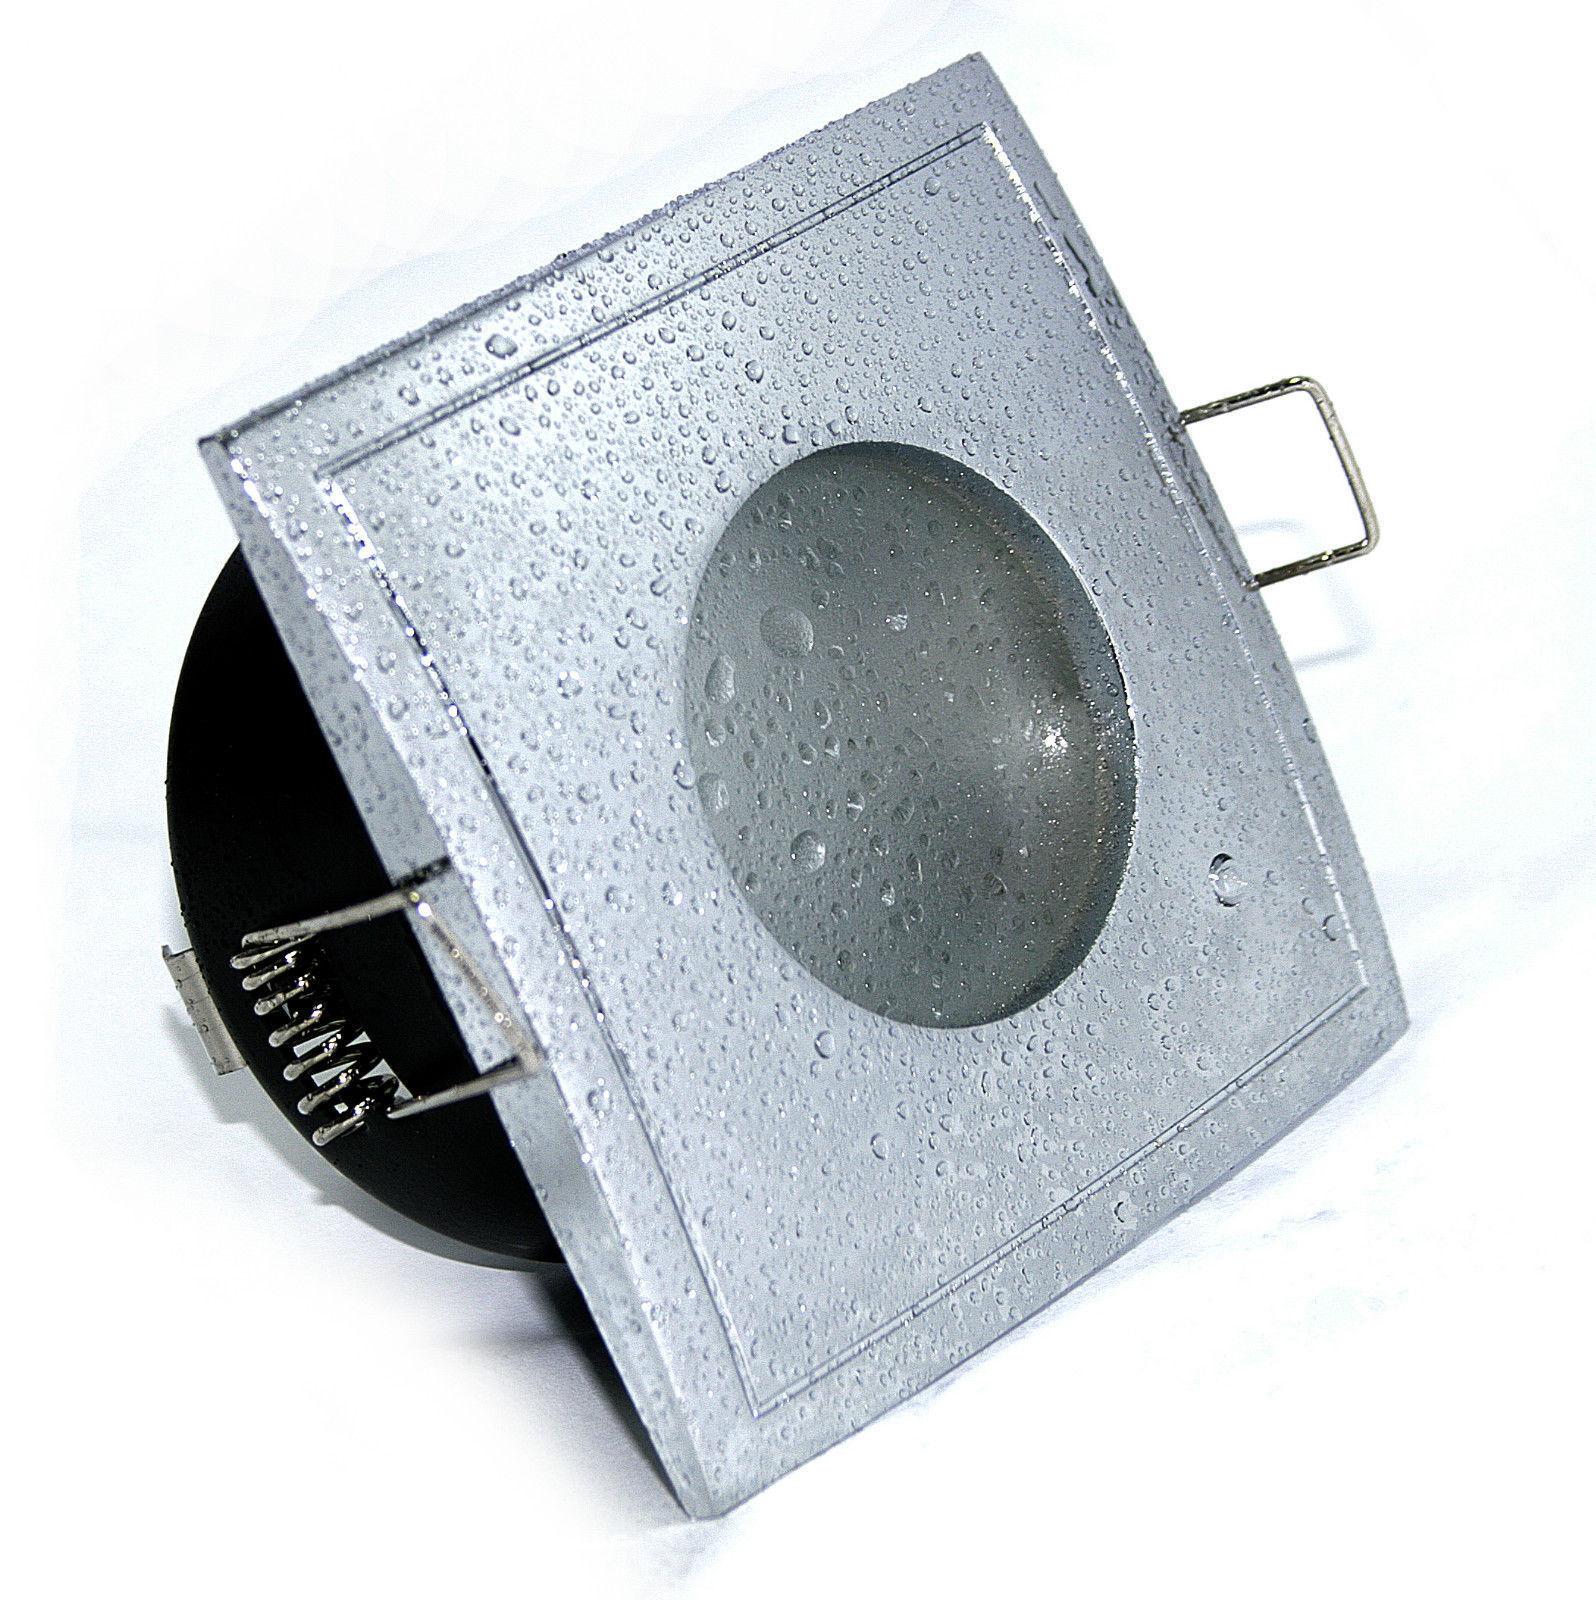 5W = 50W COB Power LED Einbaulampe 230V für Bad, Dusche, Feuchtraum eckig IP65